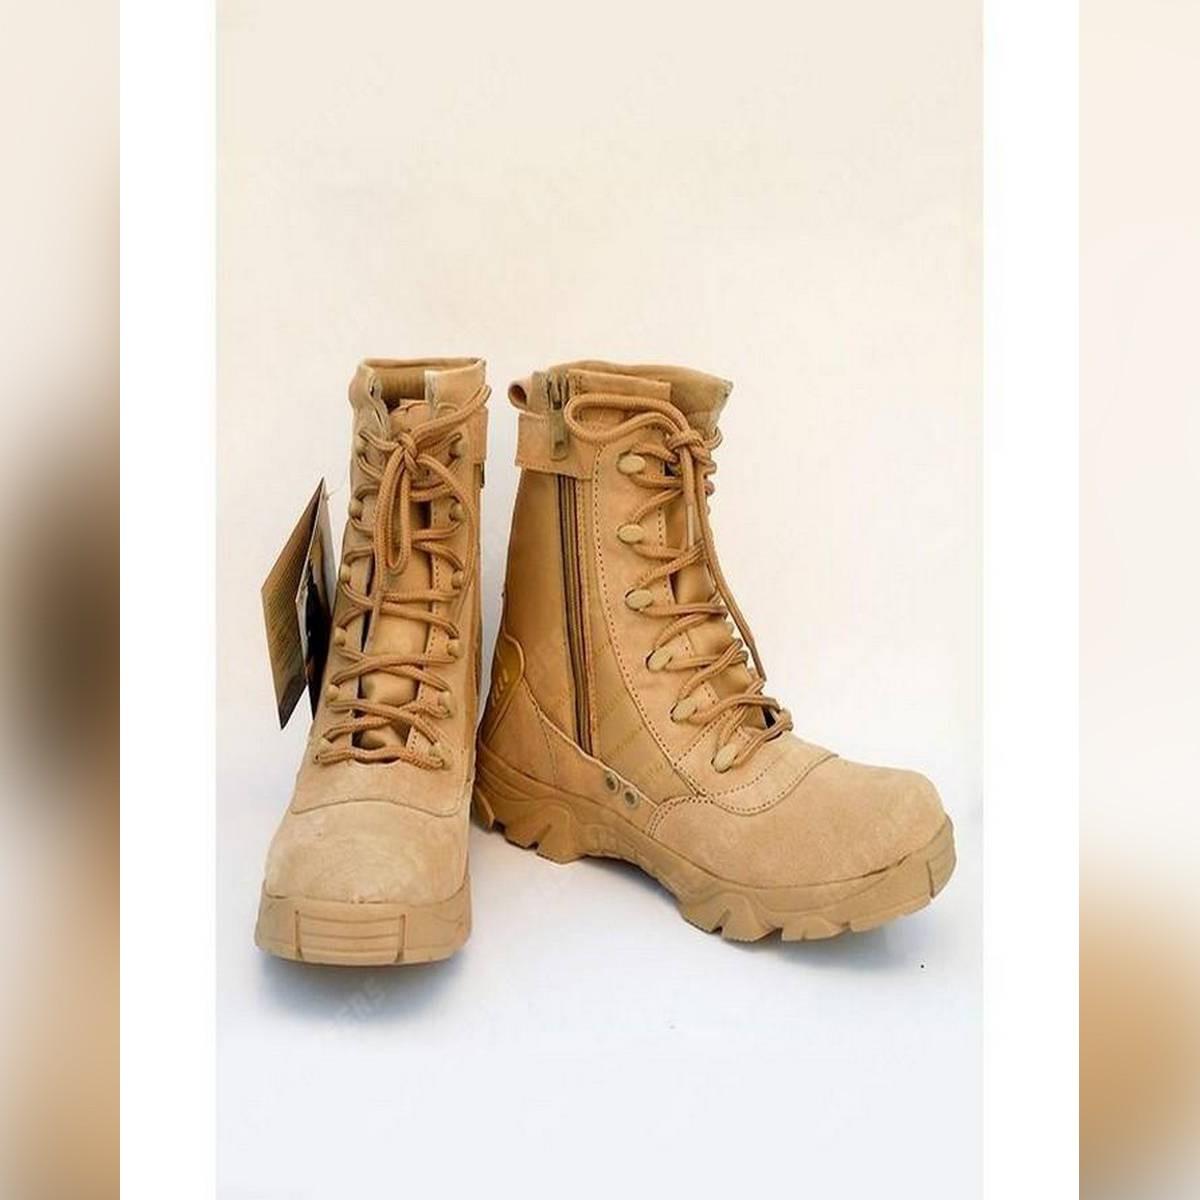 Long Rough & Tough Boots For Men